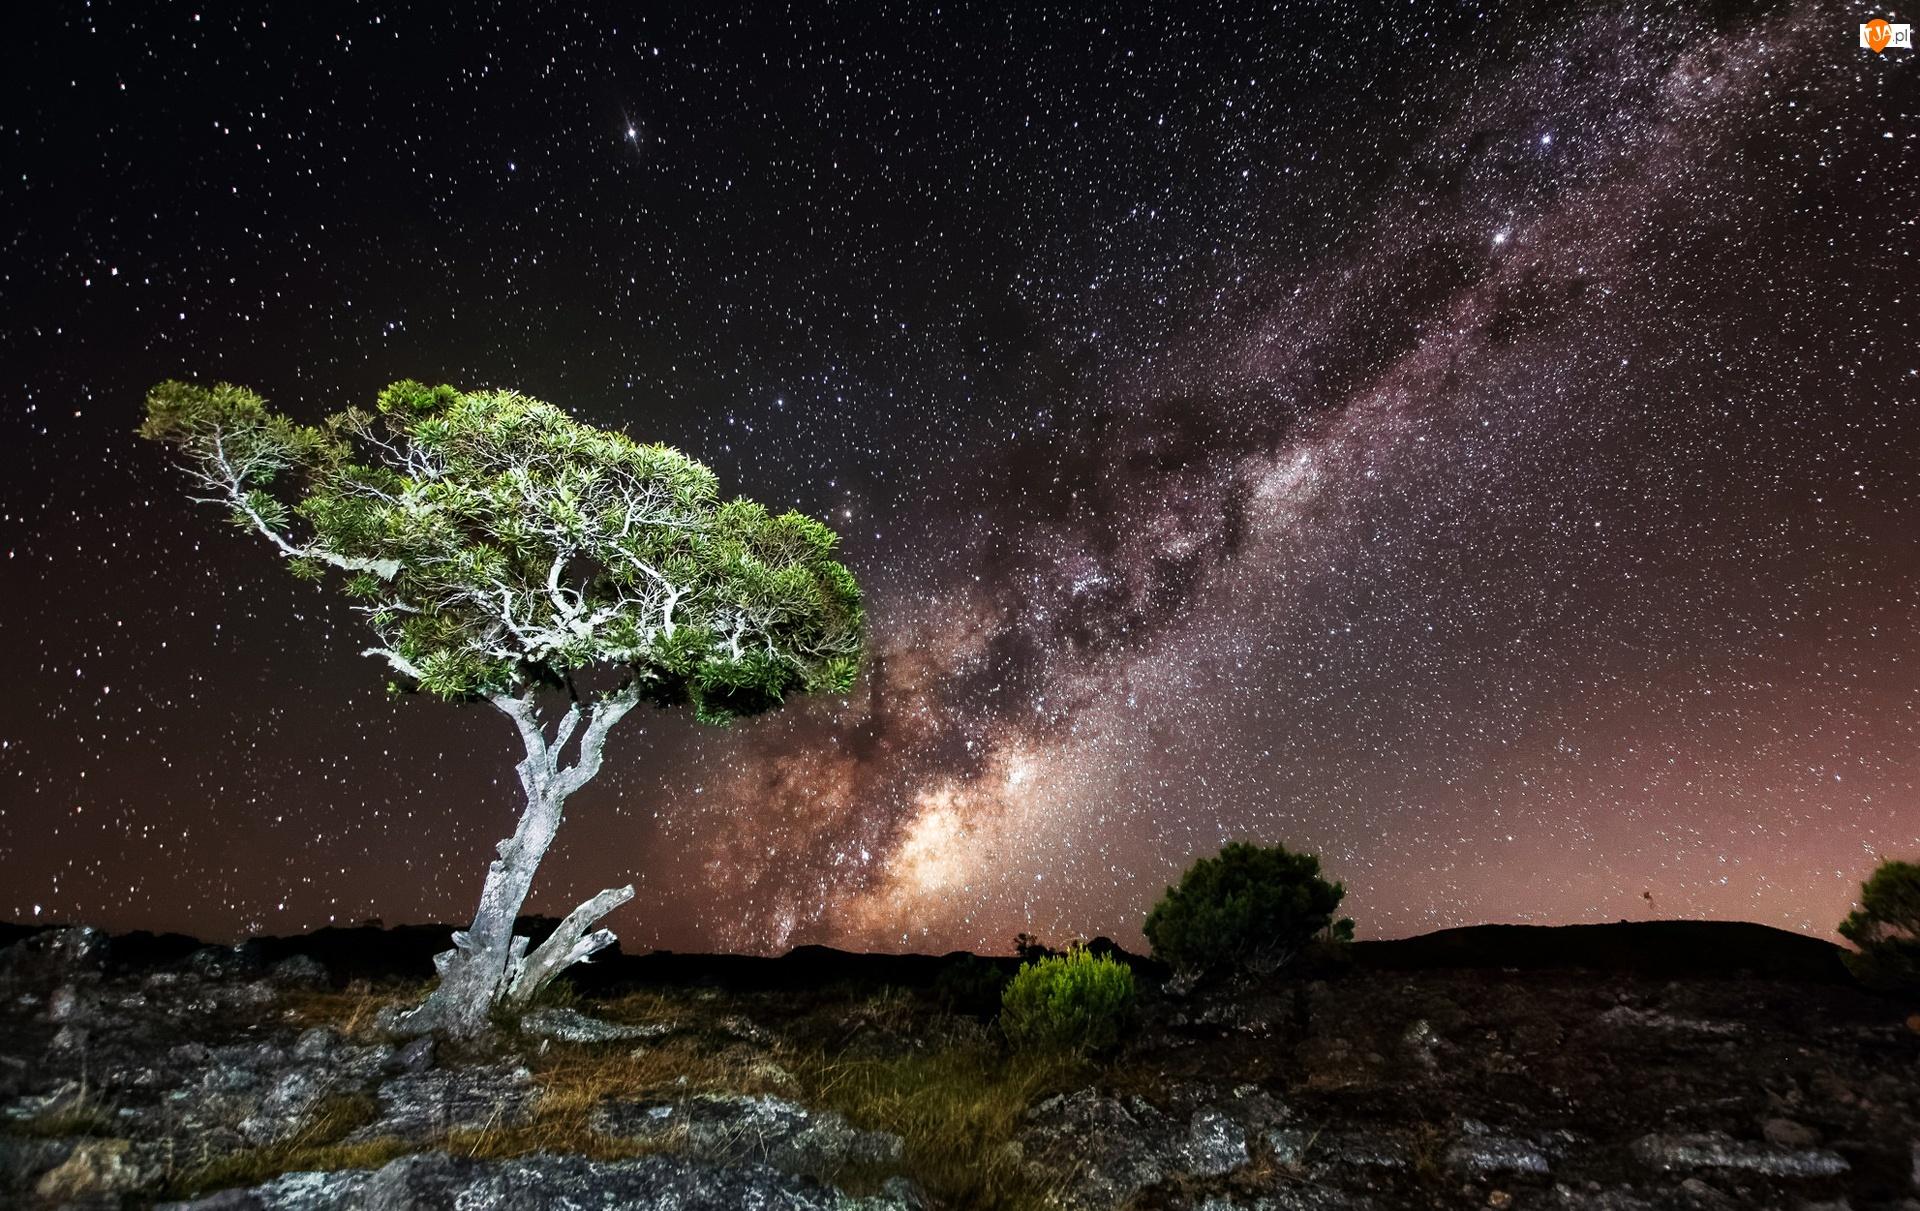 Skały, Gwiazdy, Drzewo, Noc